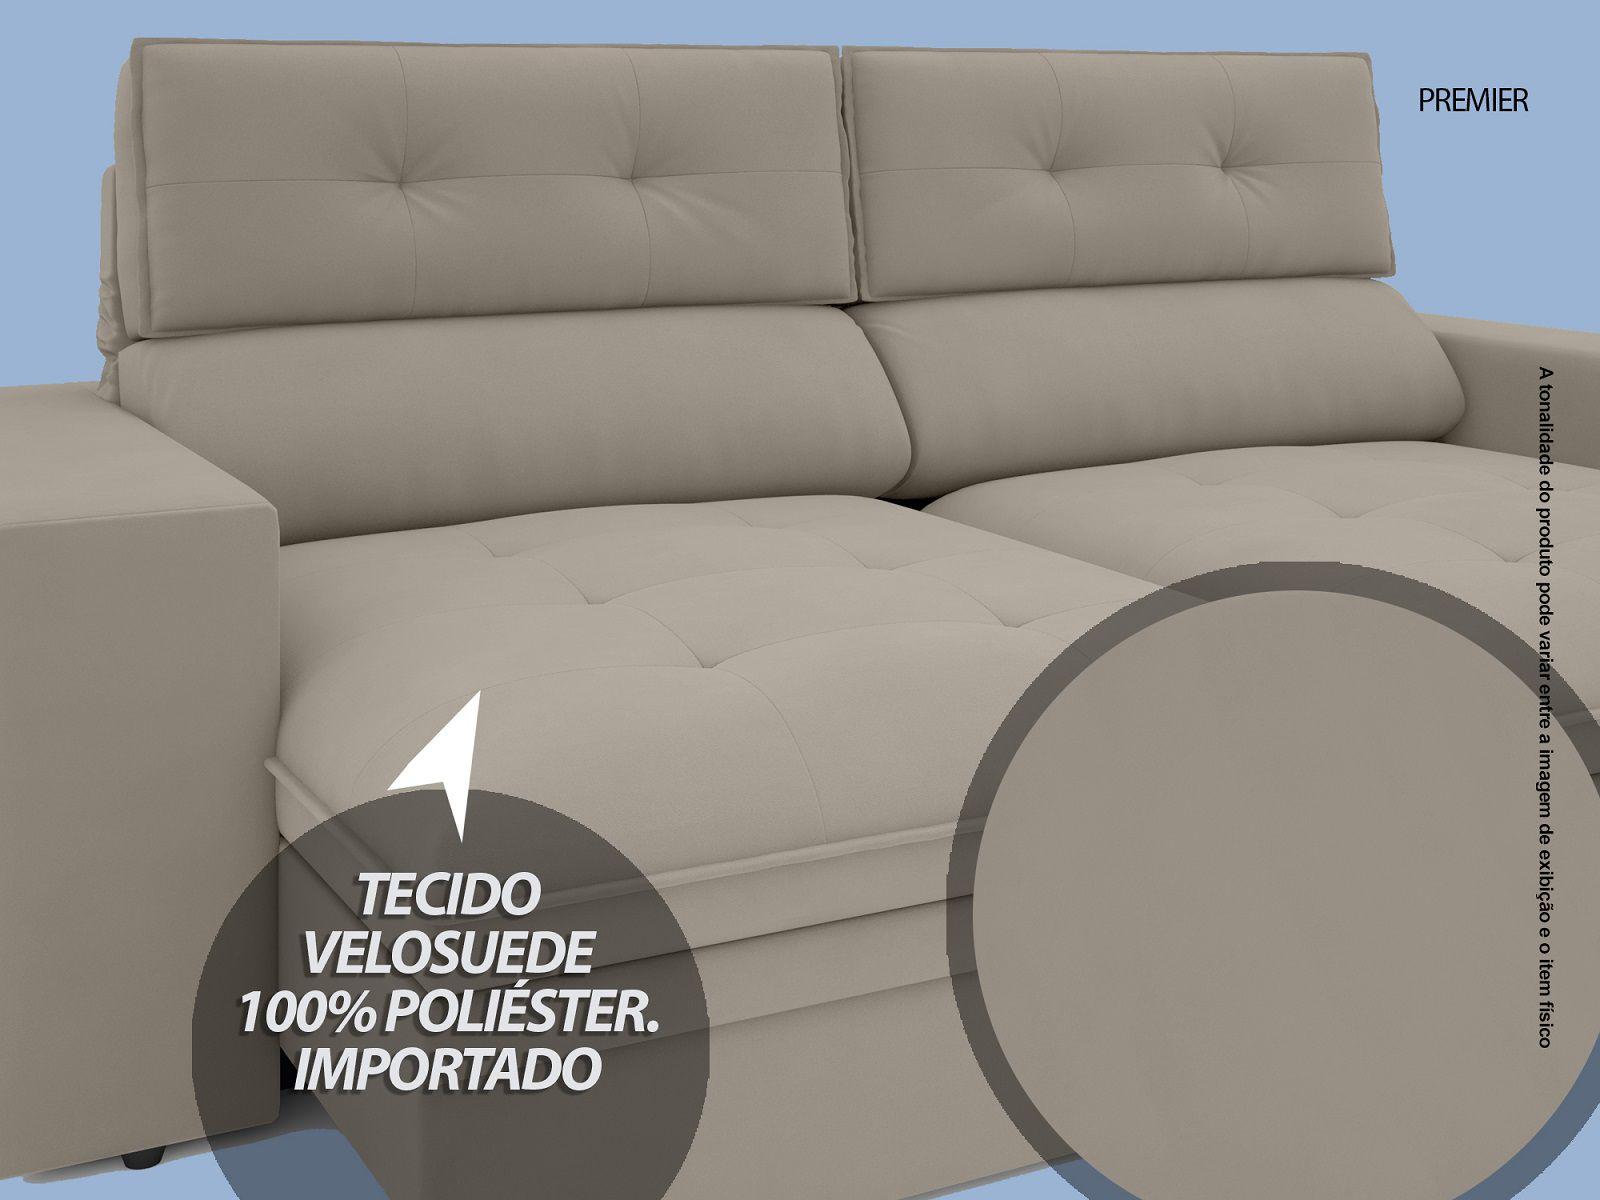 Sofá Premier 2,23m Retrátil e Reclinável Com Baú Velosuede Areia - NETSOFAS  - NETSOFÁS